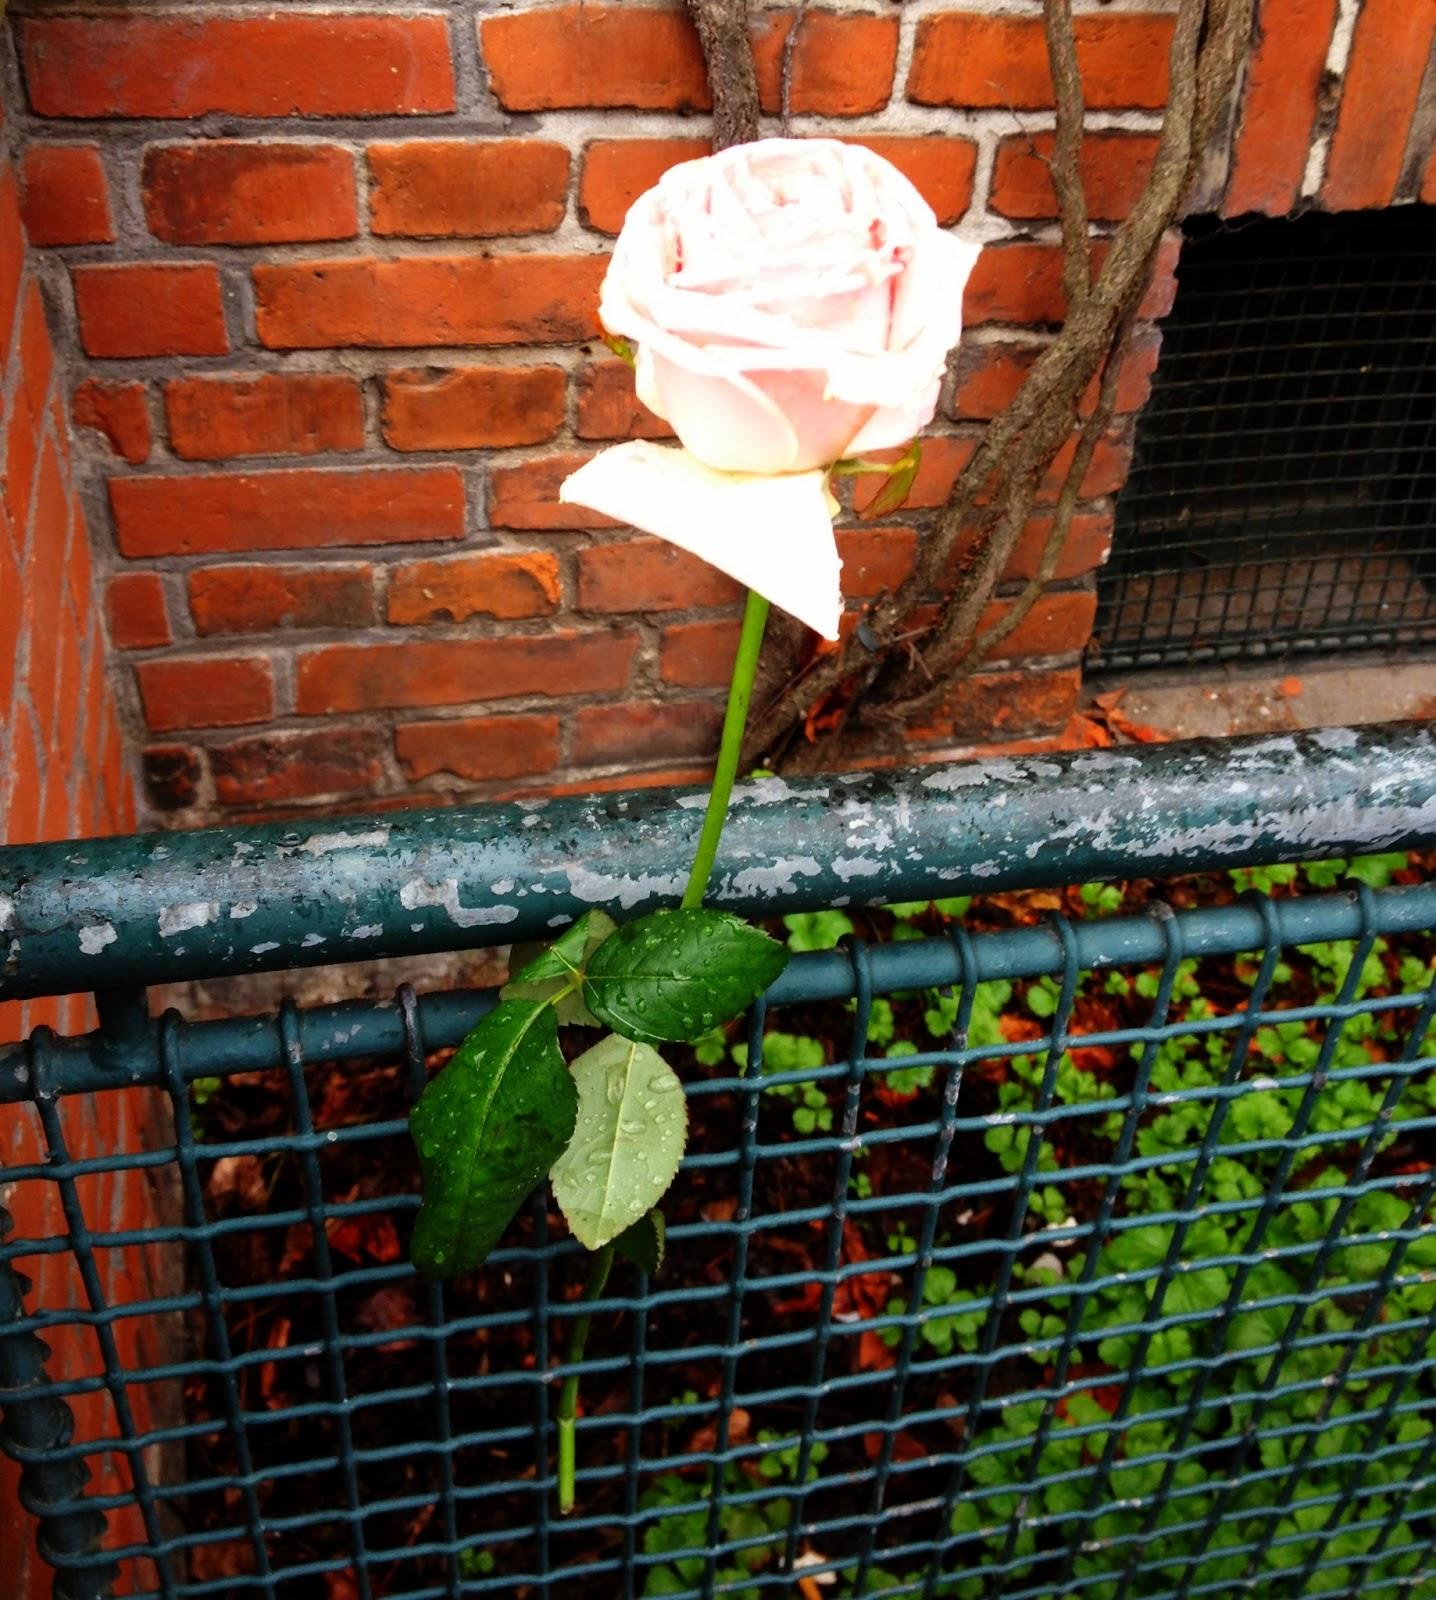 rose, udelukkendelund, blog, blogger, blomst, regnvejr, bryggen, islands brygge, lejlighed, opgang, smil, regnvejr